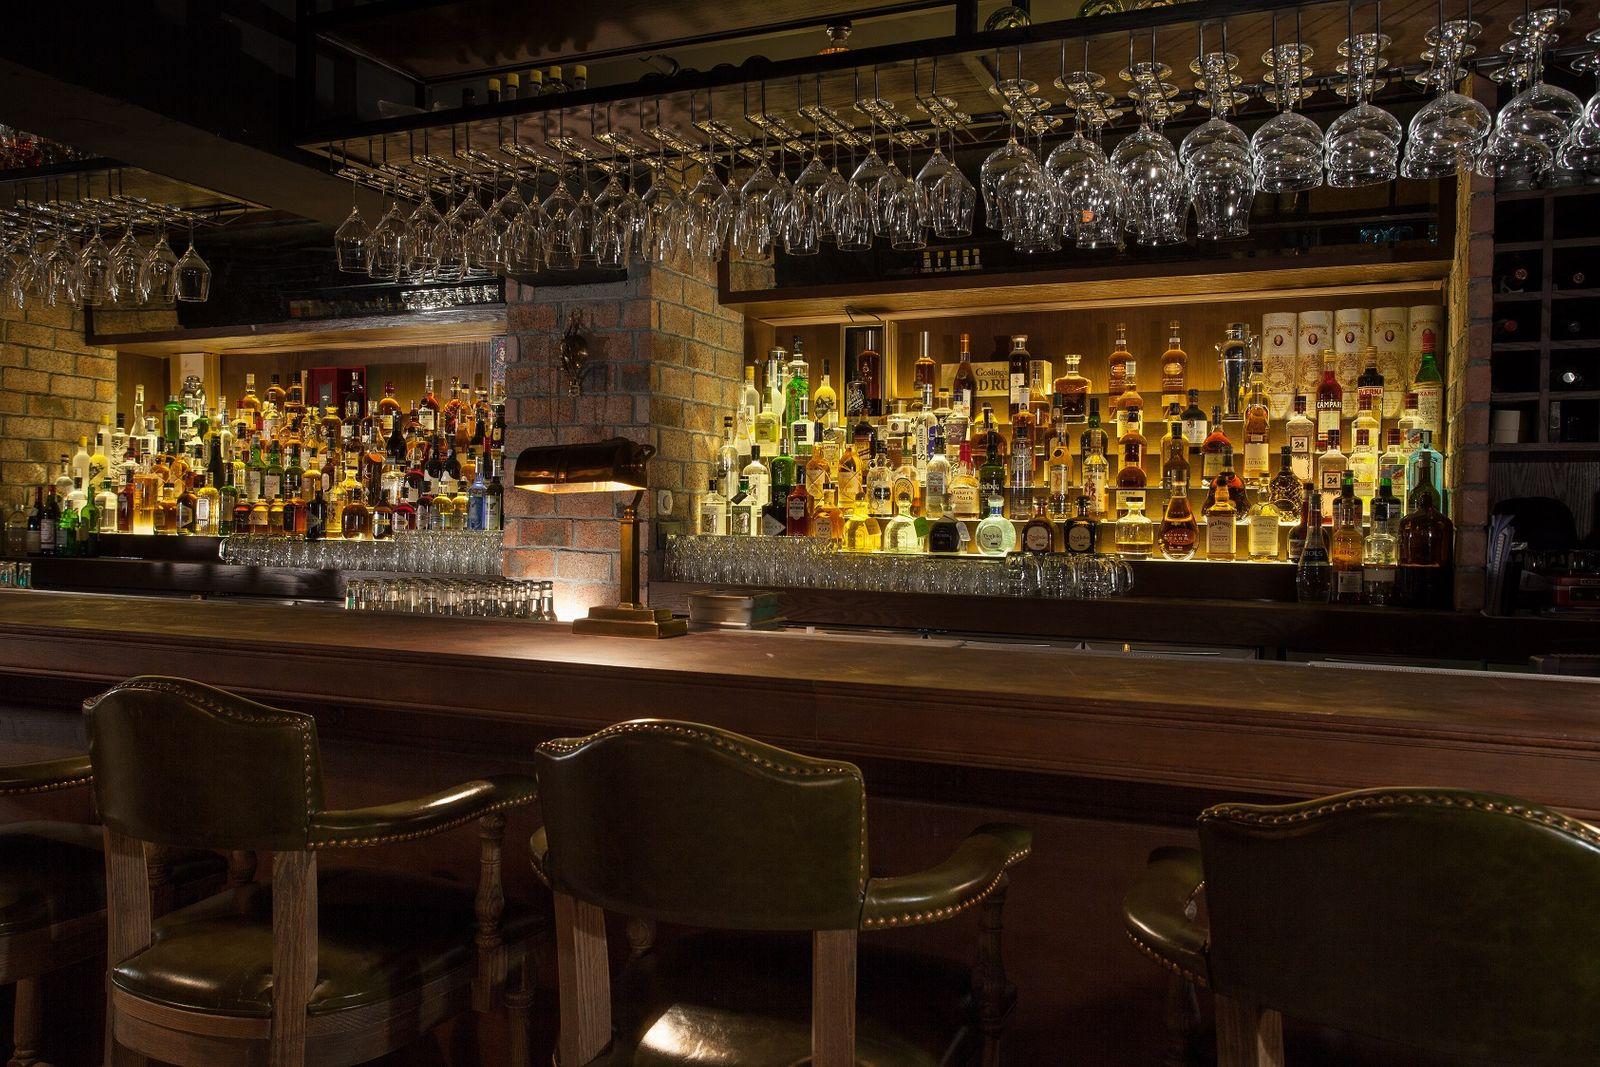 Stockton Bar in Hong Kong